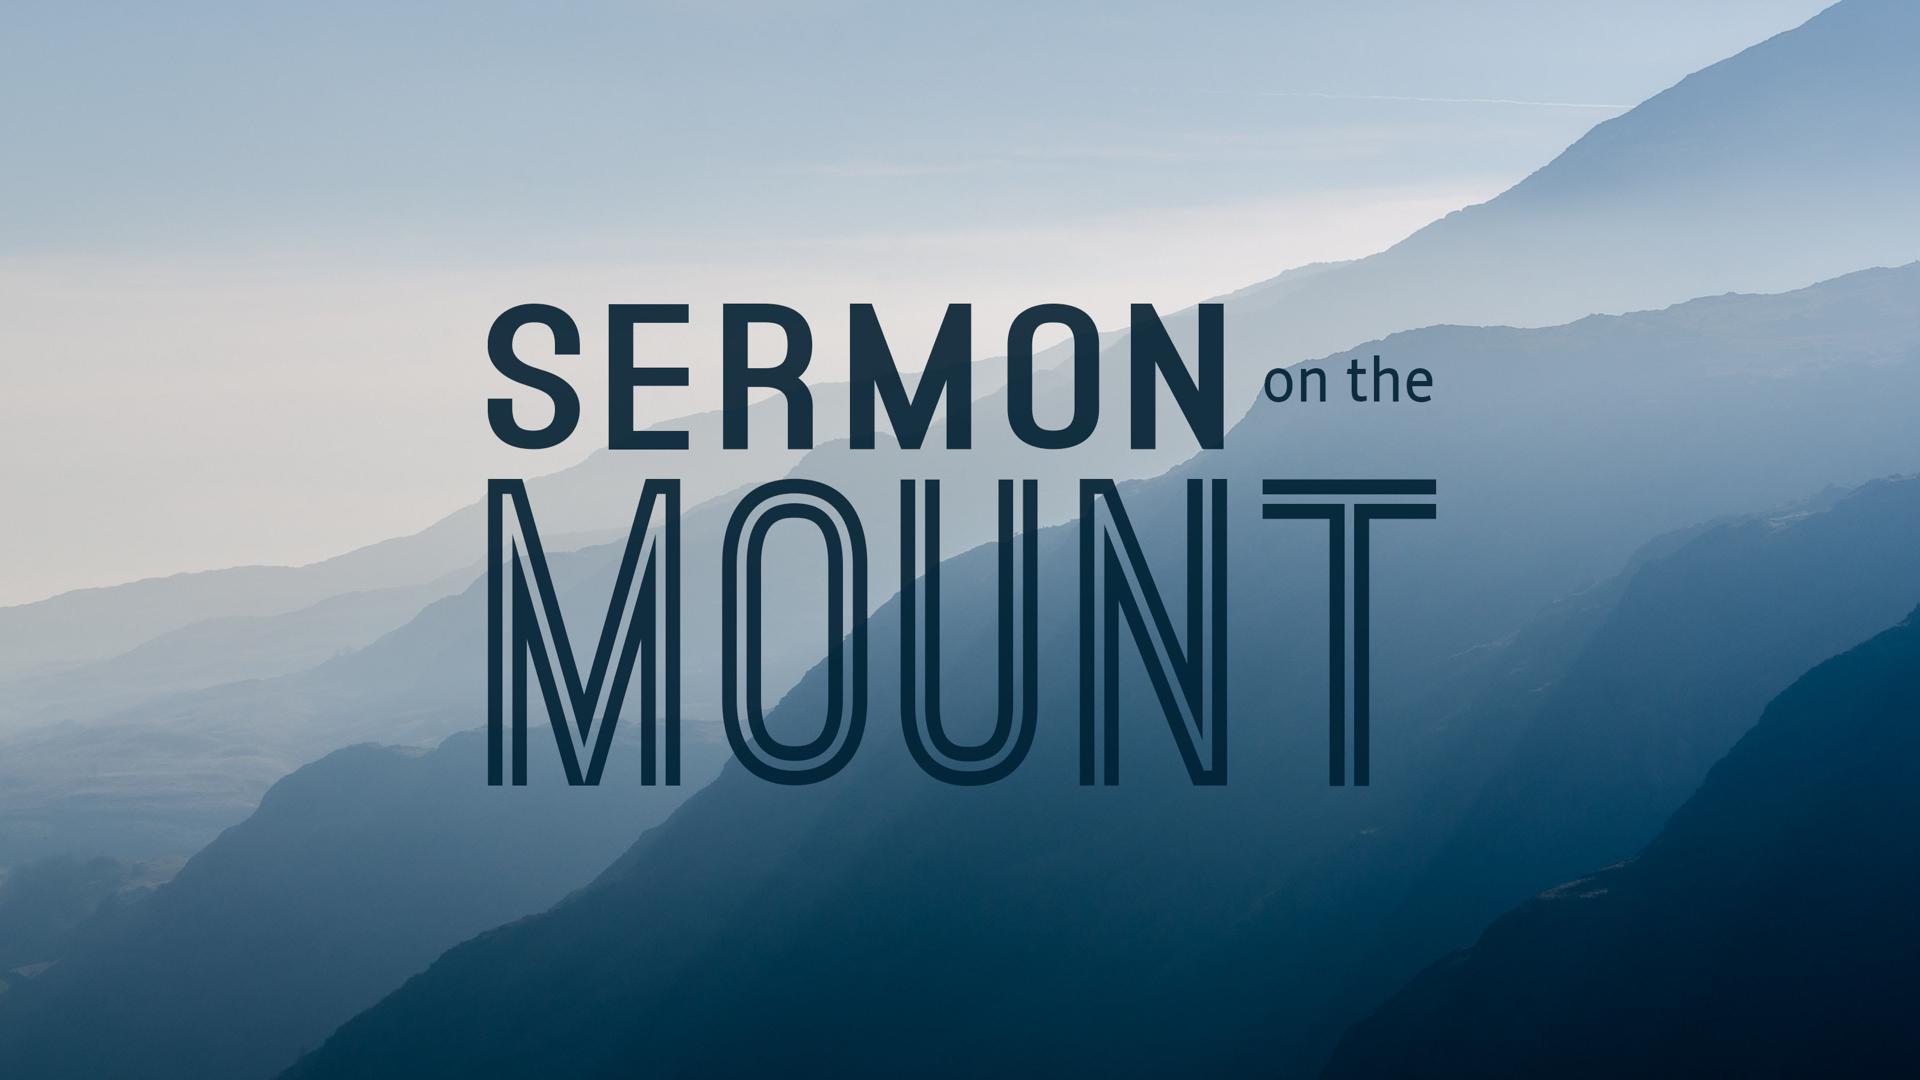 Sermon on the Mount (2017-2018)